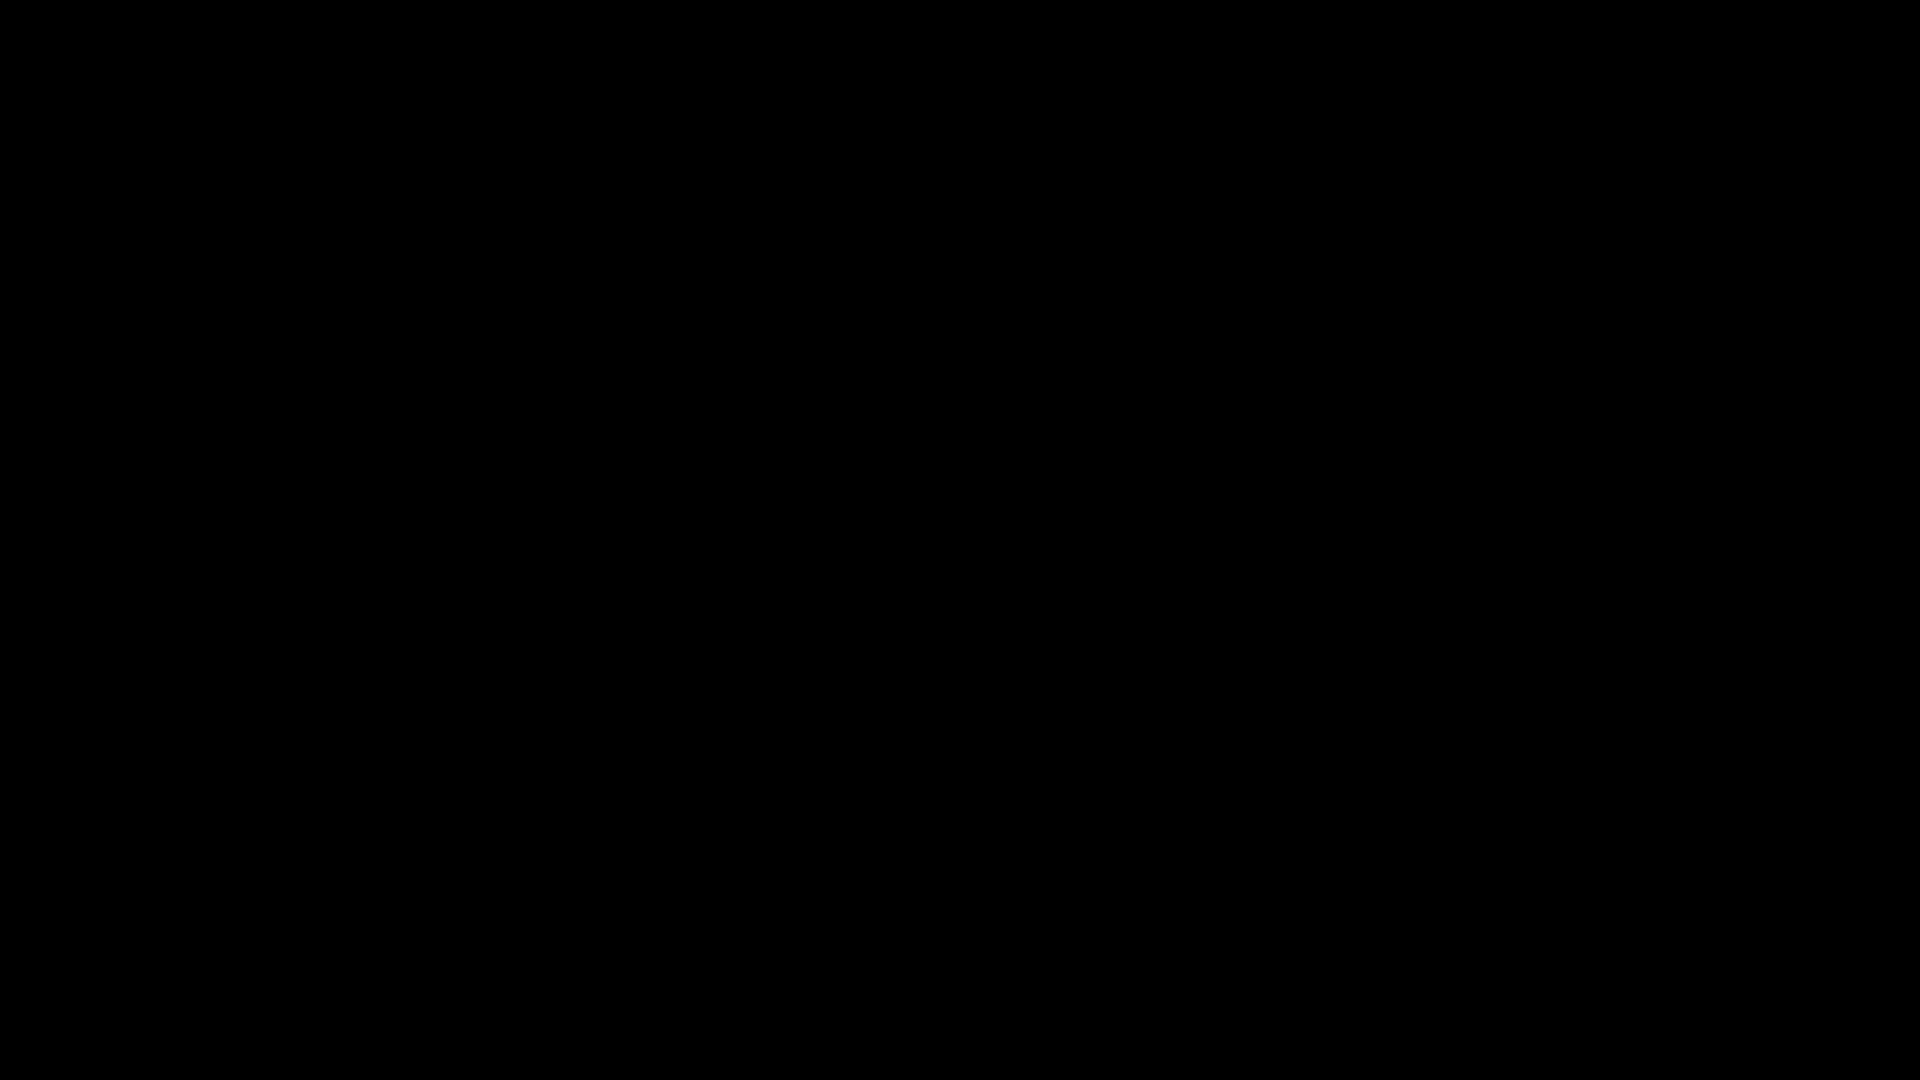 wallpaper black mobile devices battery plain explains 1920x1080